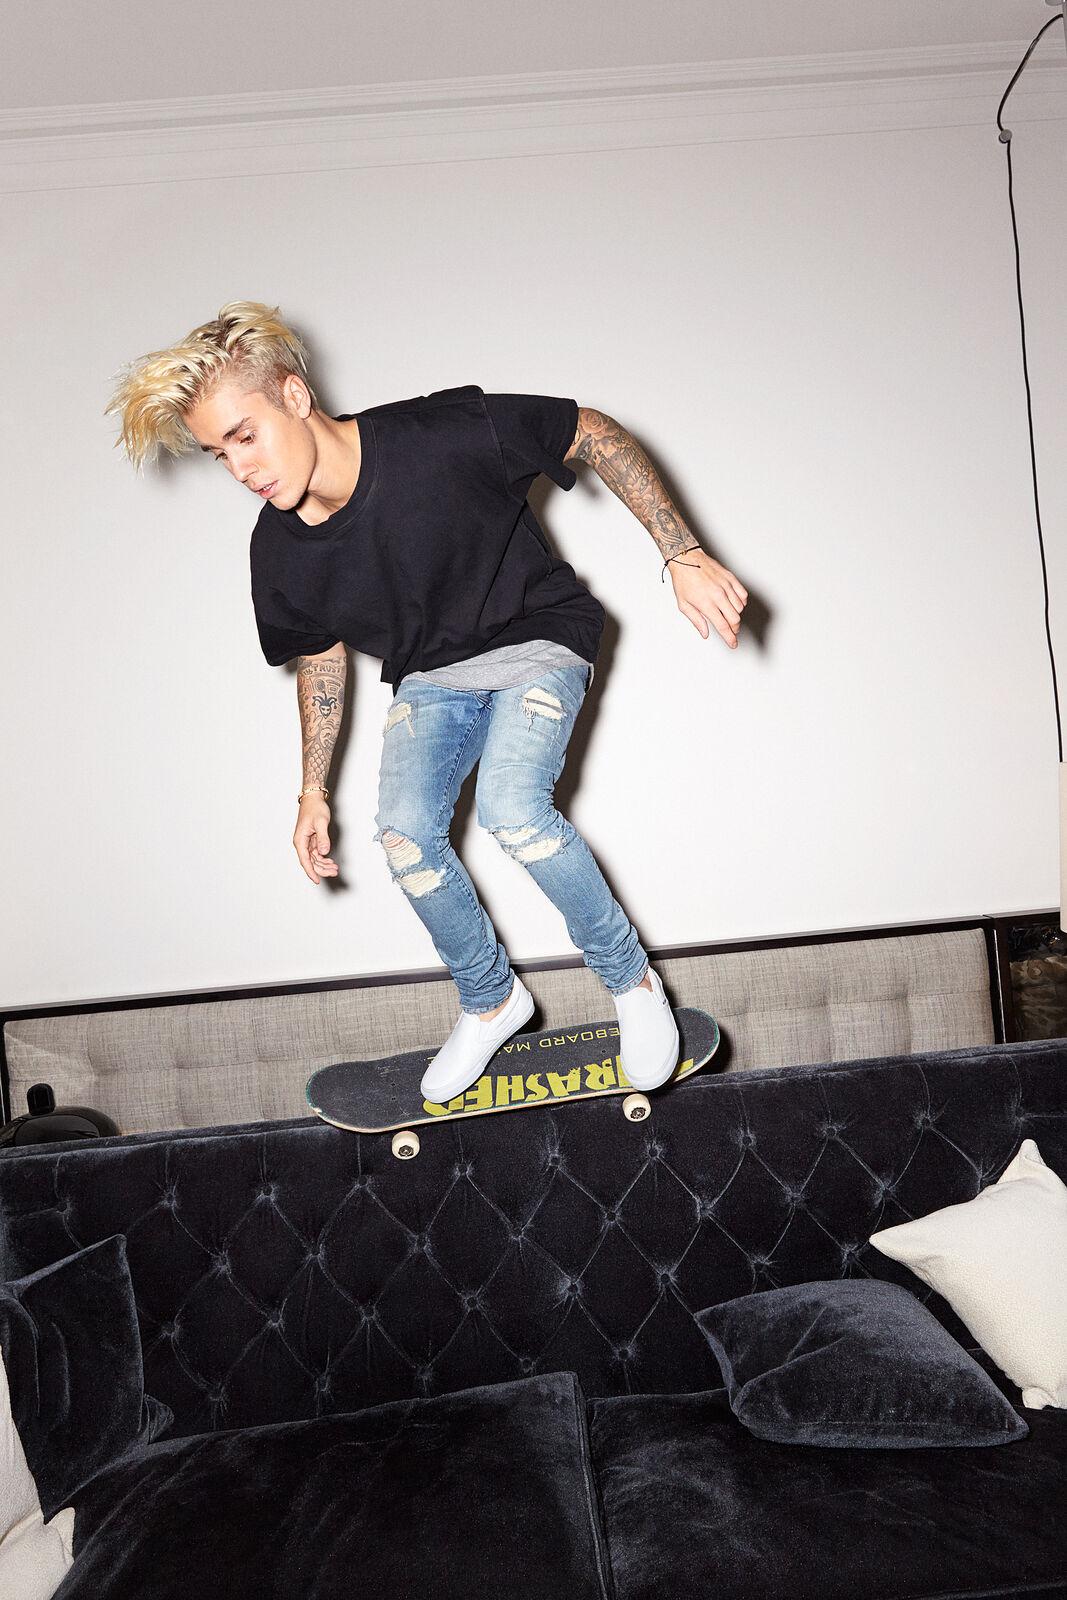 Justin Bieber : Sofa Surfin'